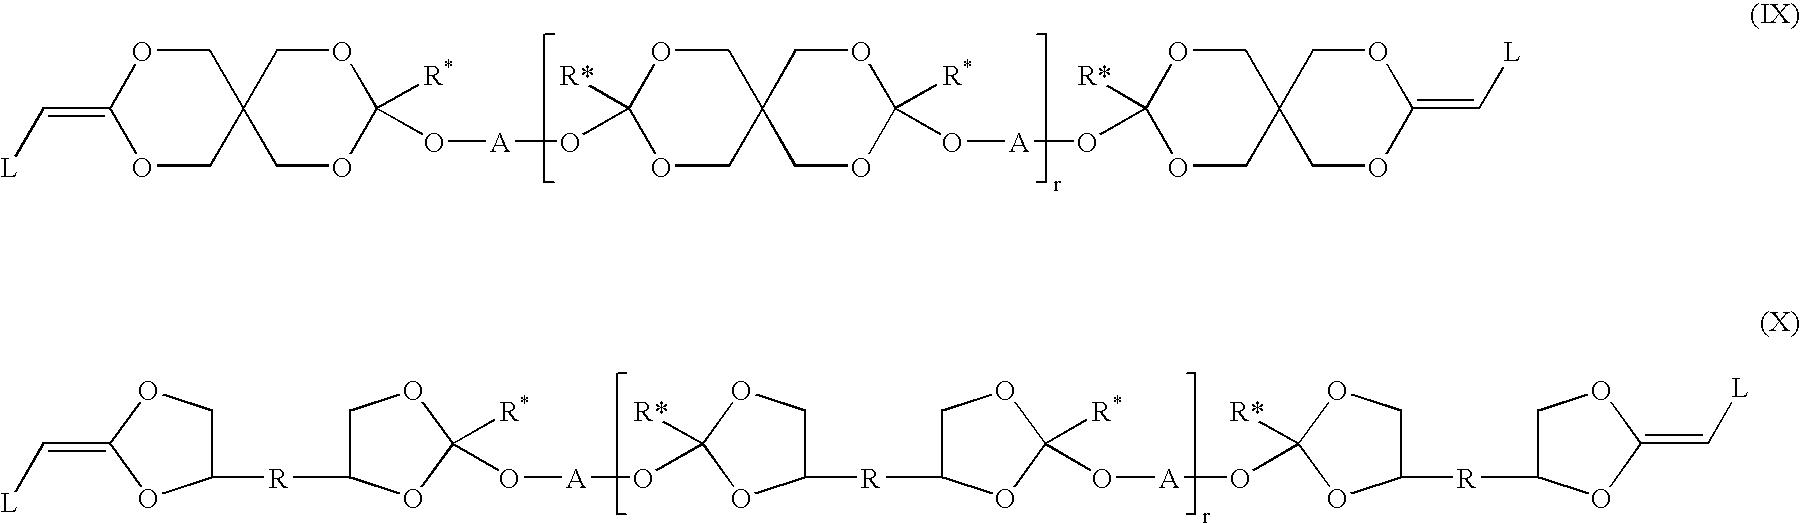 Figure US06667371-20031223-C00012